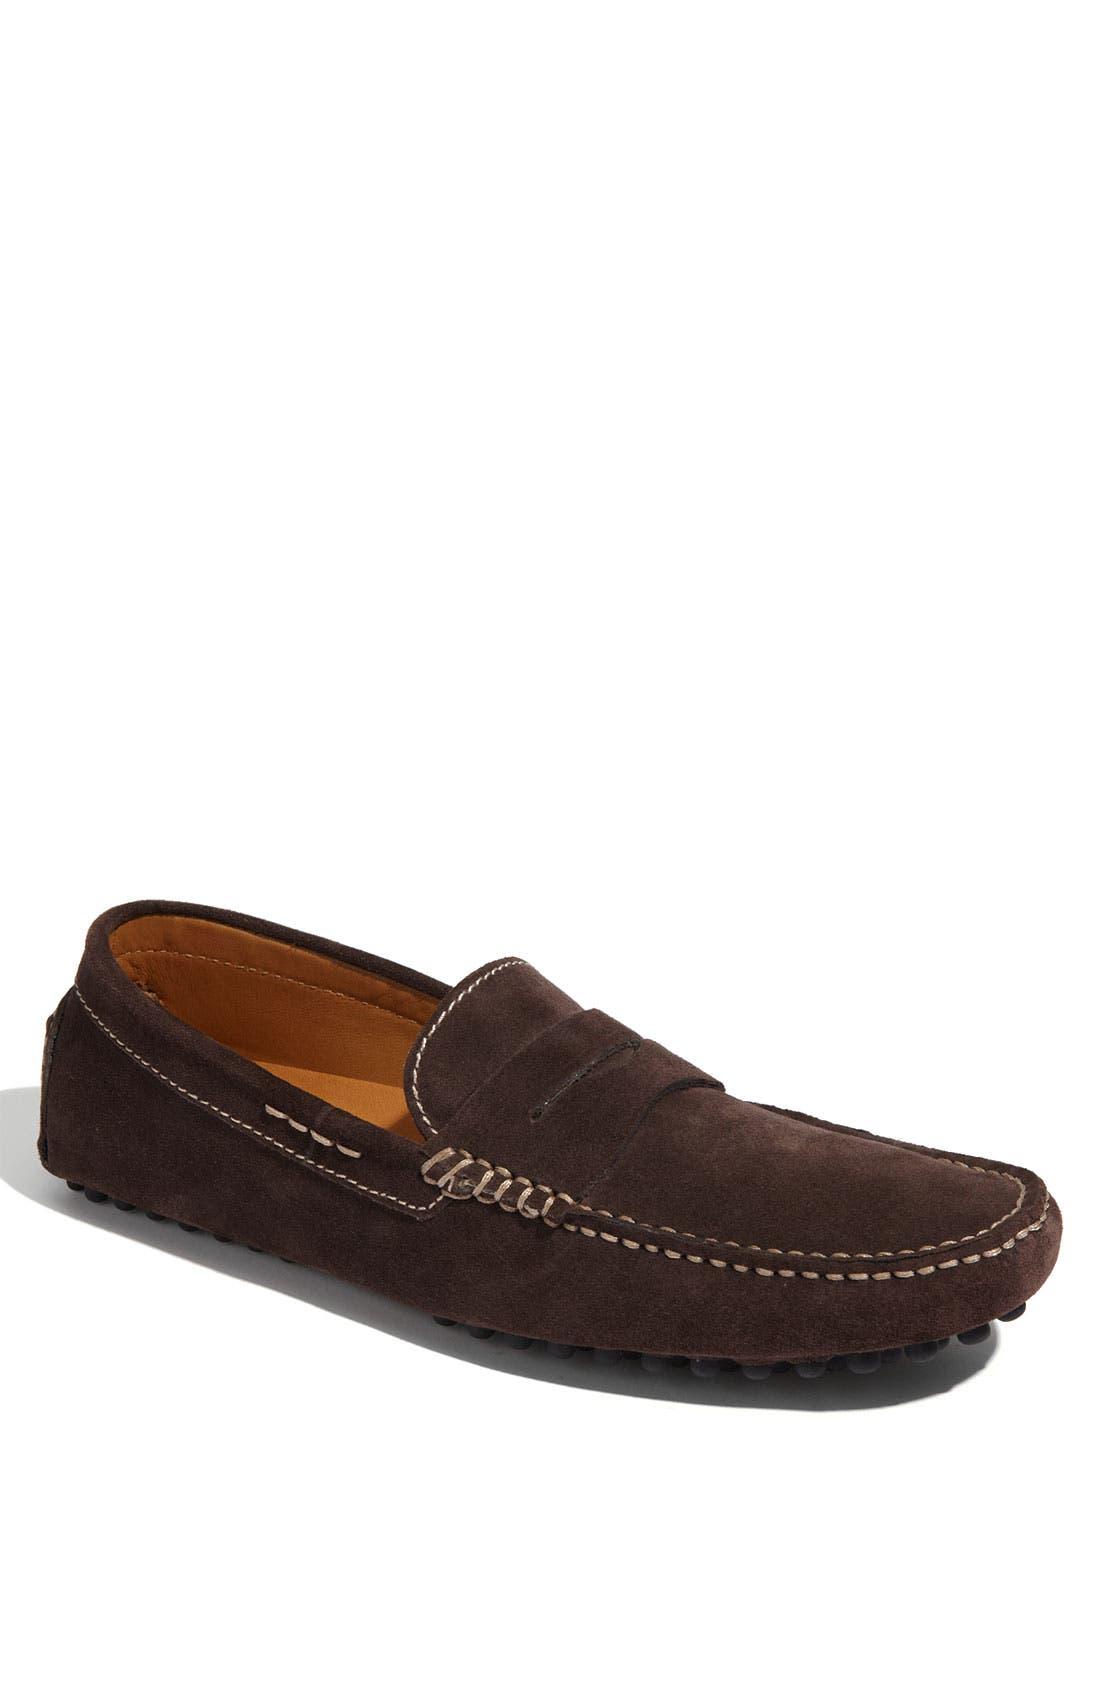 'Tobago' Driving Shoe,                             Main thumbnail 1, color,                             Brown